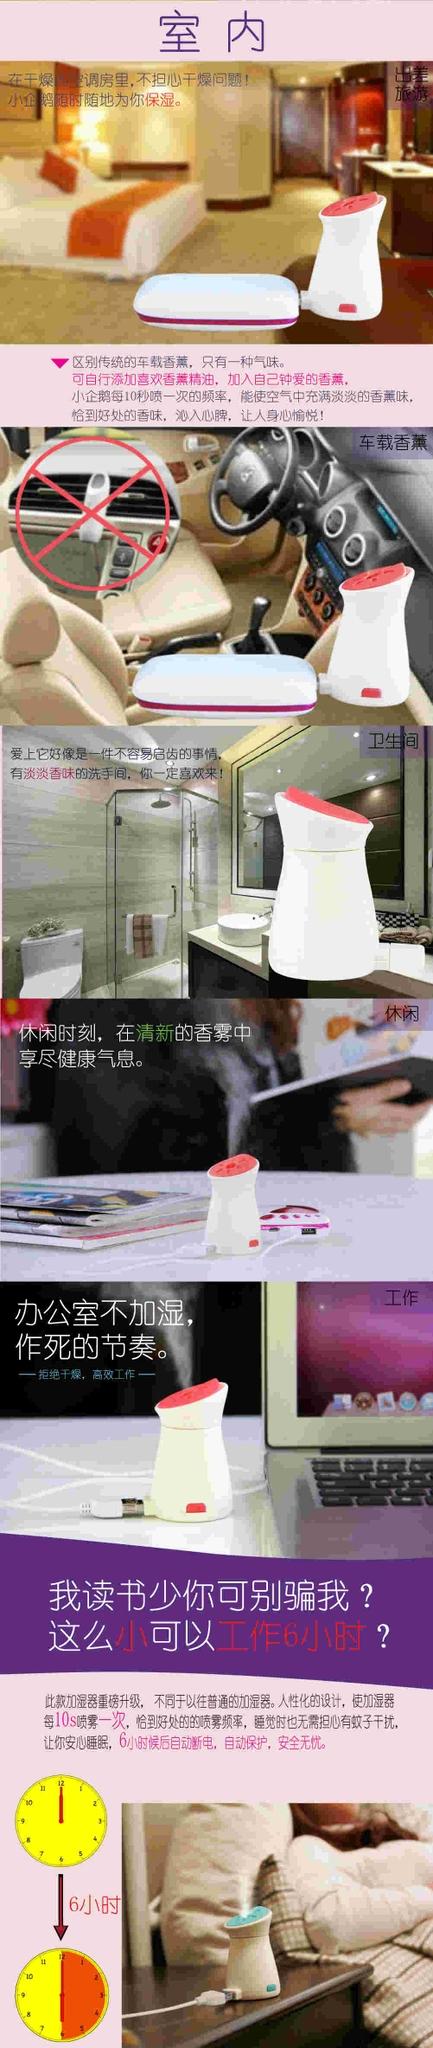 小企鹅香薰加湿器宣传图2